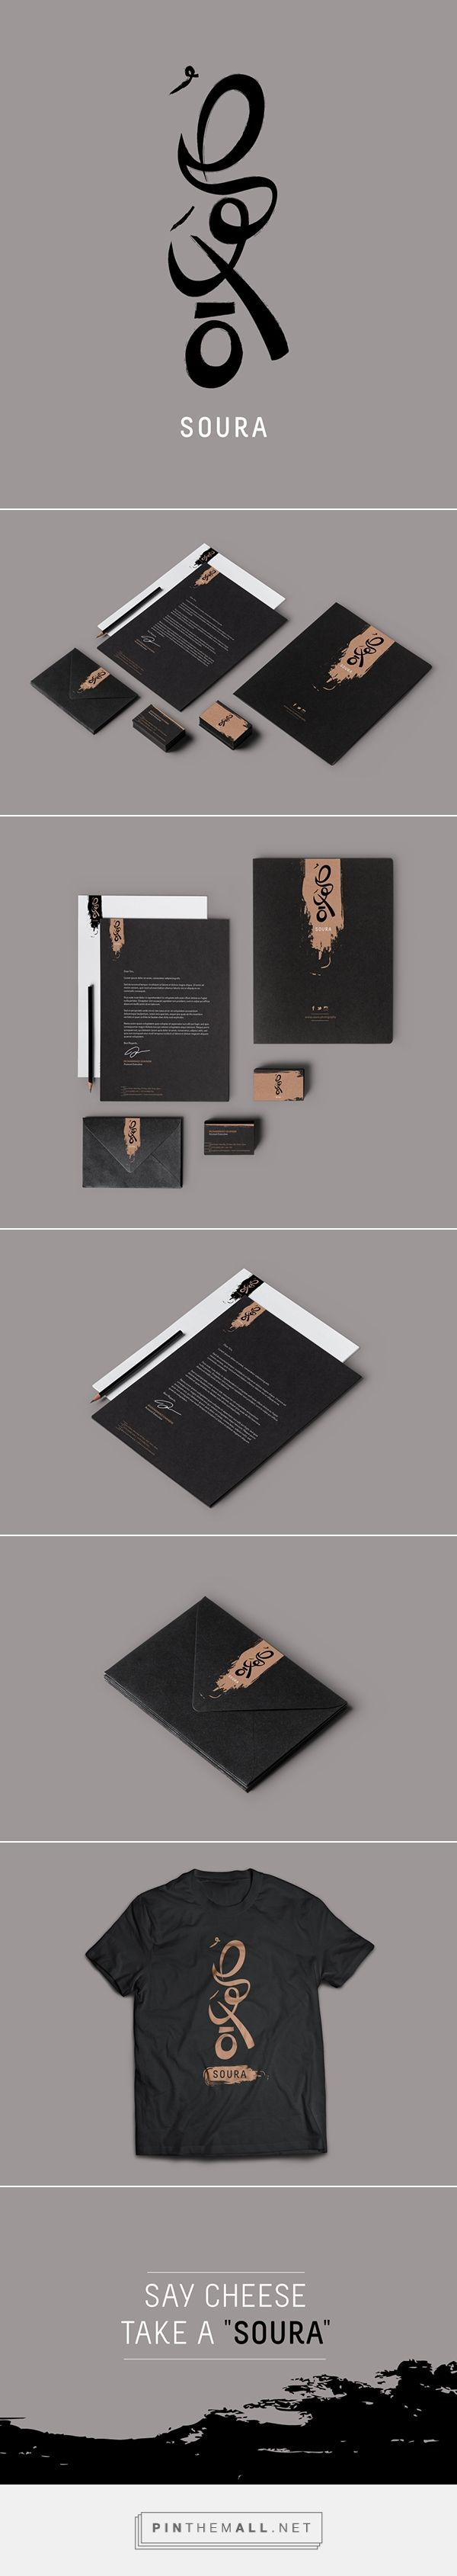 Soura Branding on Behance | Fivestar Branding – Design and Branding Agency & Inspiration Gallery